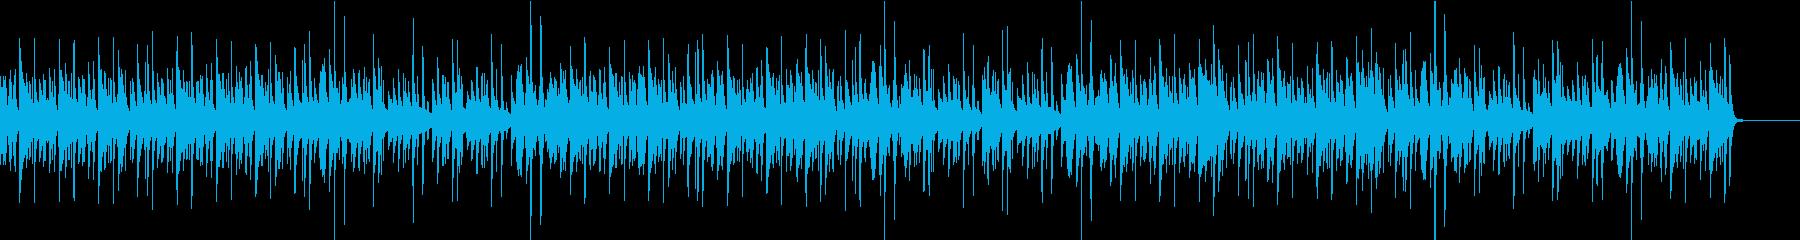 静かでゆったりしたジャズの再生済みの波形